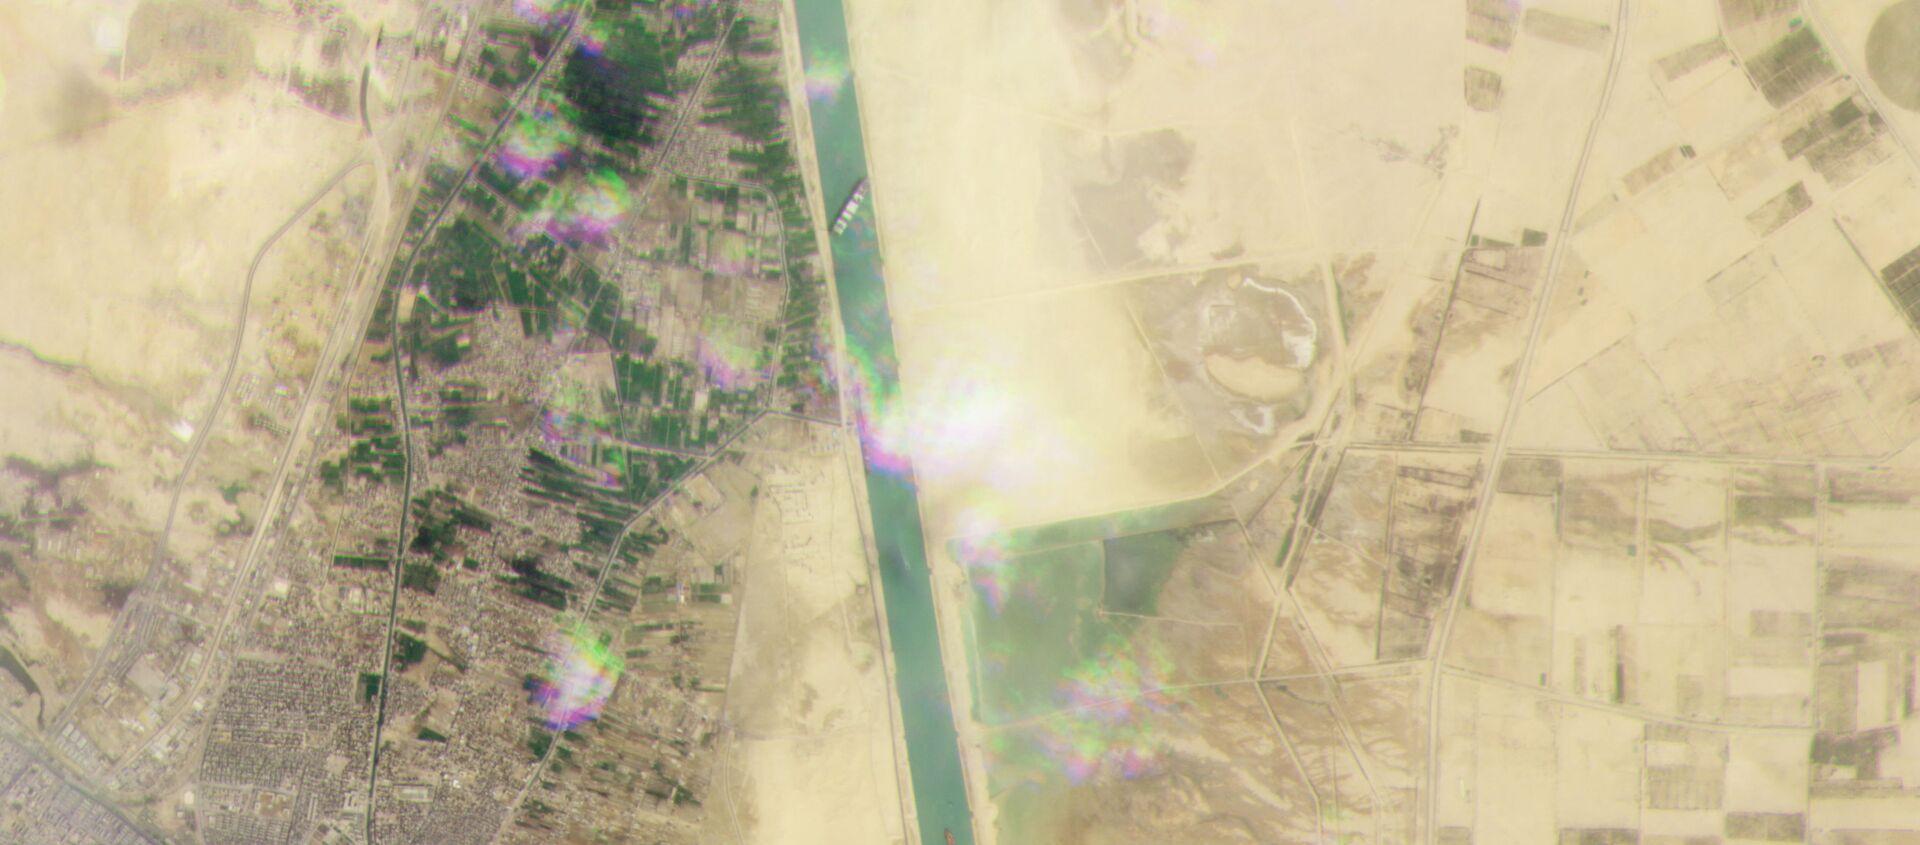 Foto satellitare del Canale di Suez bloccato dalla nave cargo Ever Given - Sputnik Italia, 1920, 25.03.2021